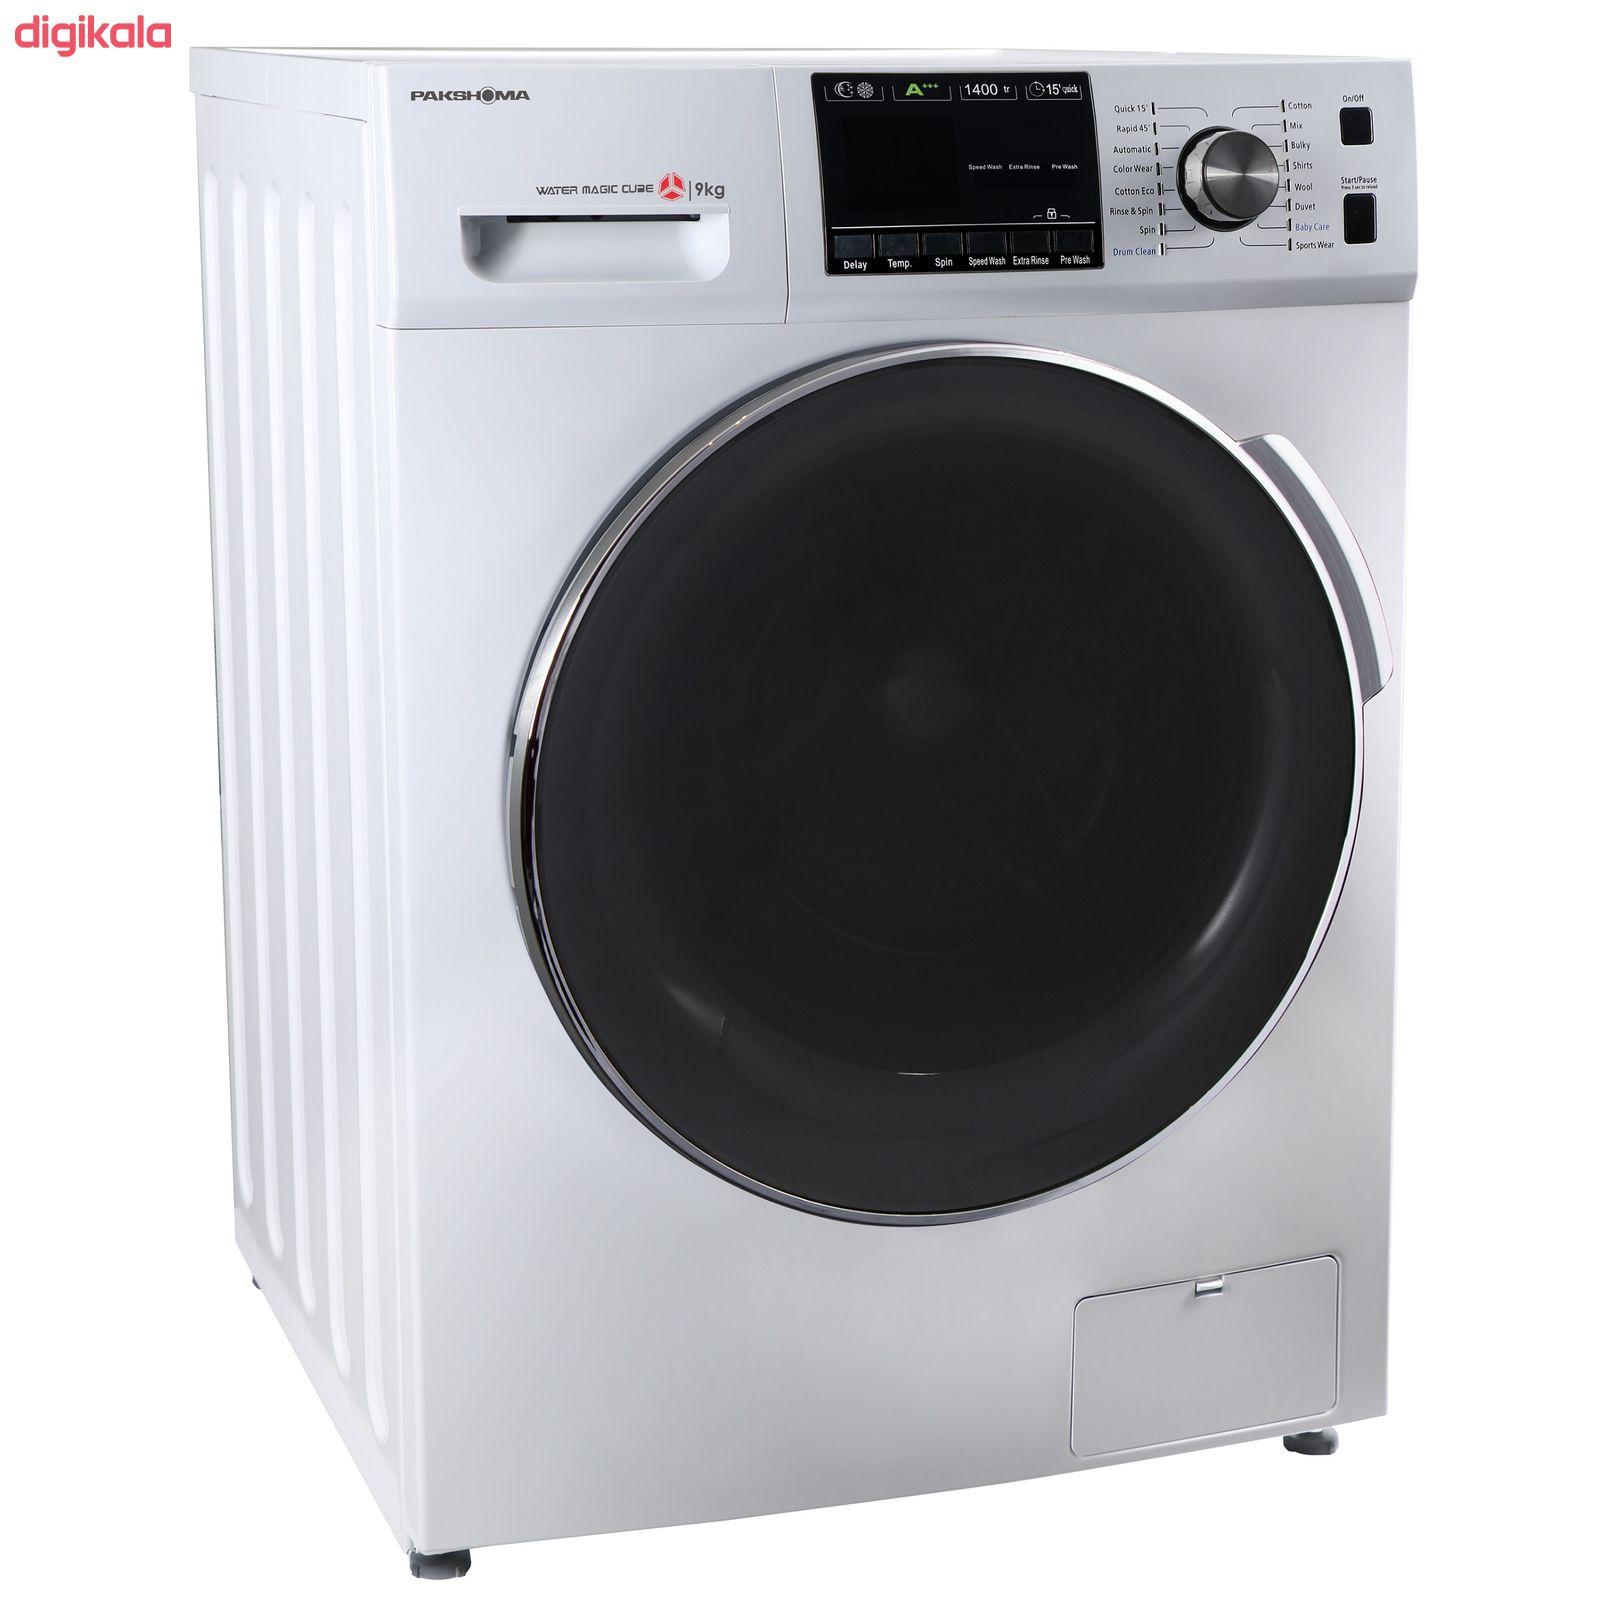 ماشین لباسشویی پاکشوما مدل TFU-94407 ظرفیت 9 کیلوگرم main 1 4